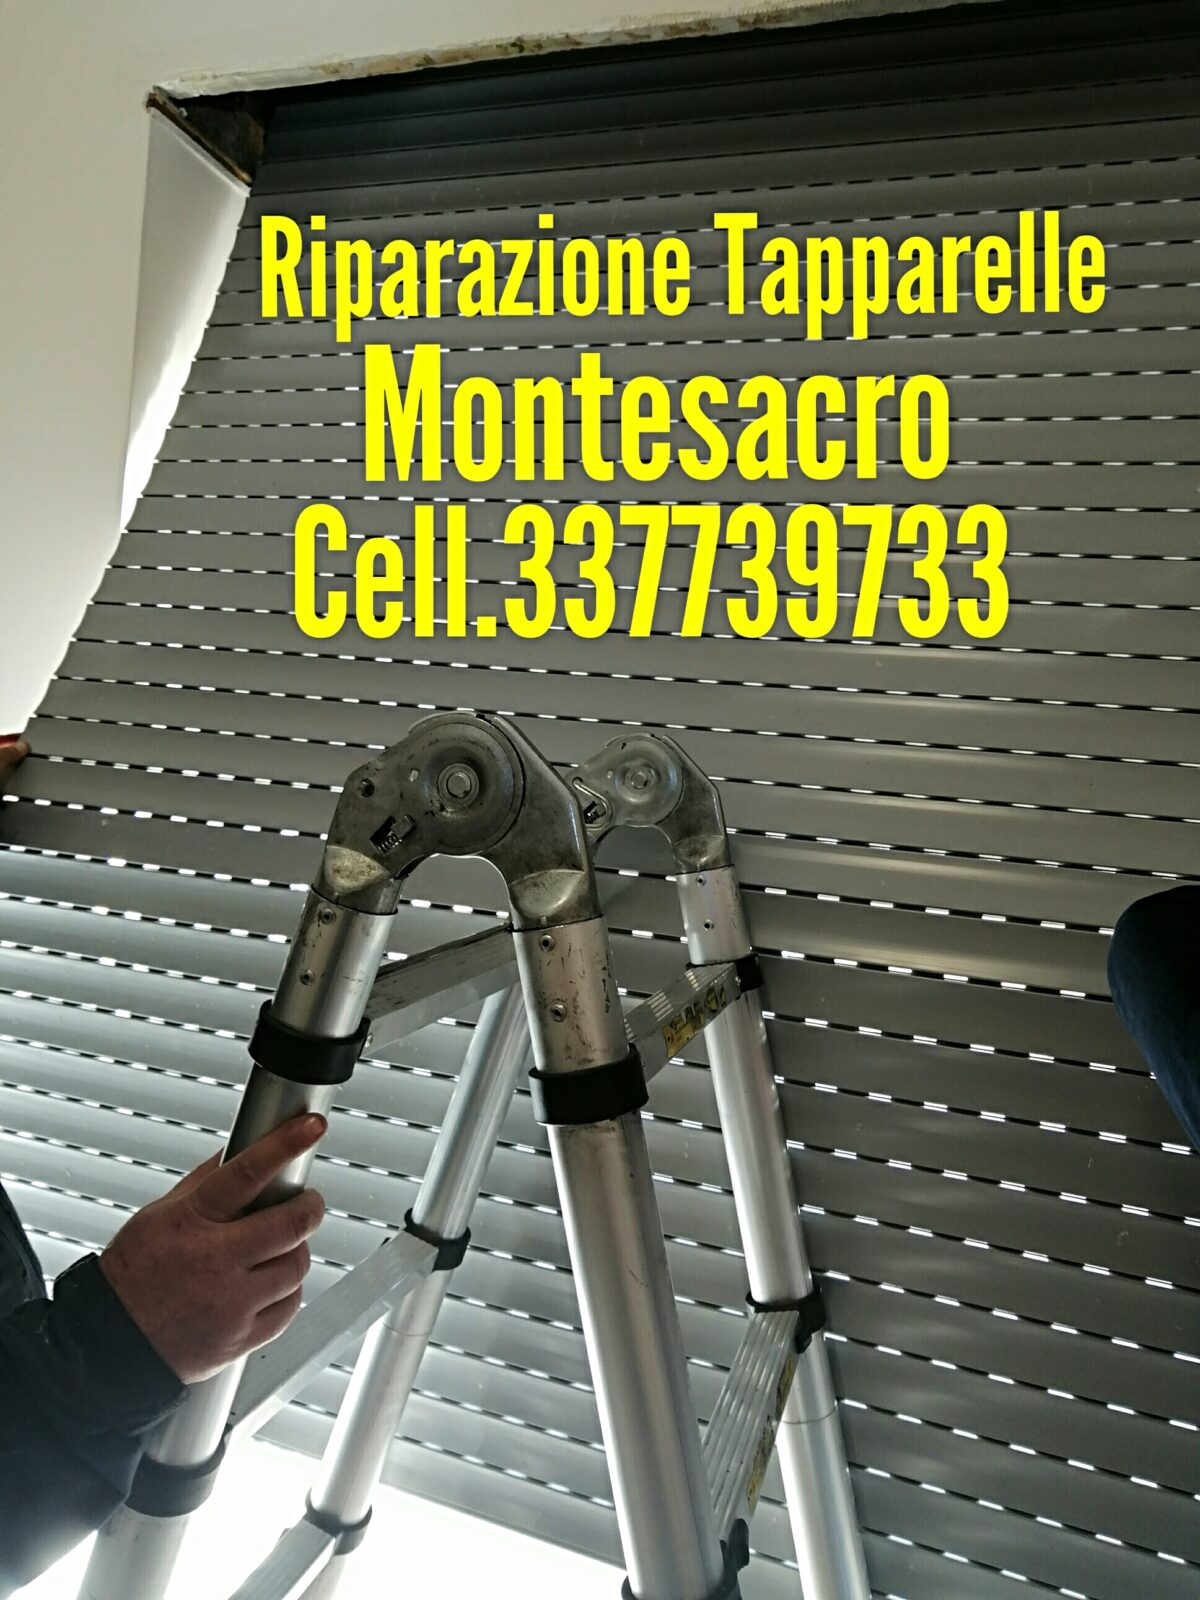 riparazione tapparelle serrande elettriche Talenti Montesacro , Dario cell.337739733